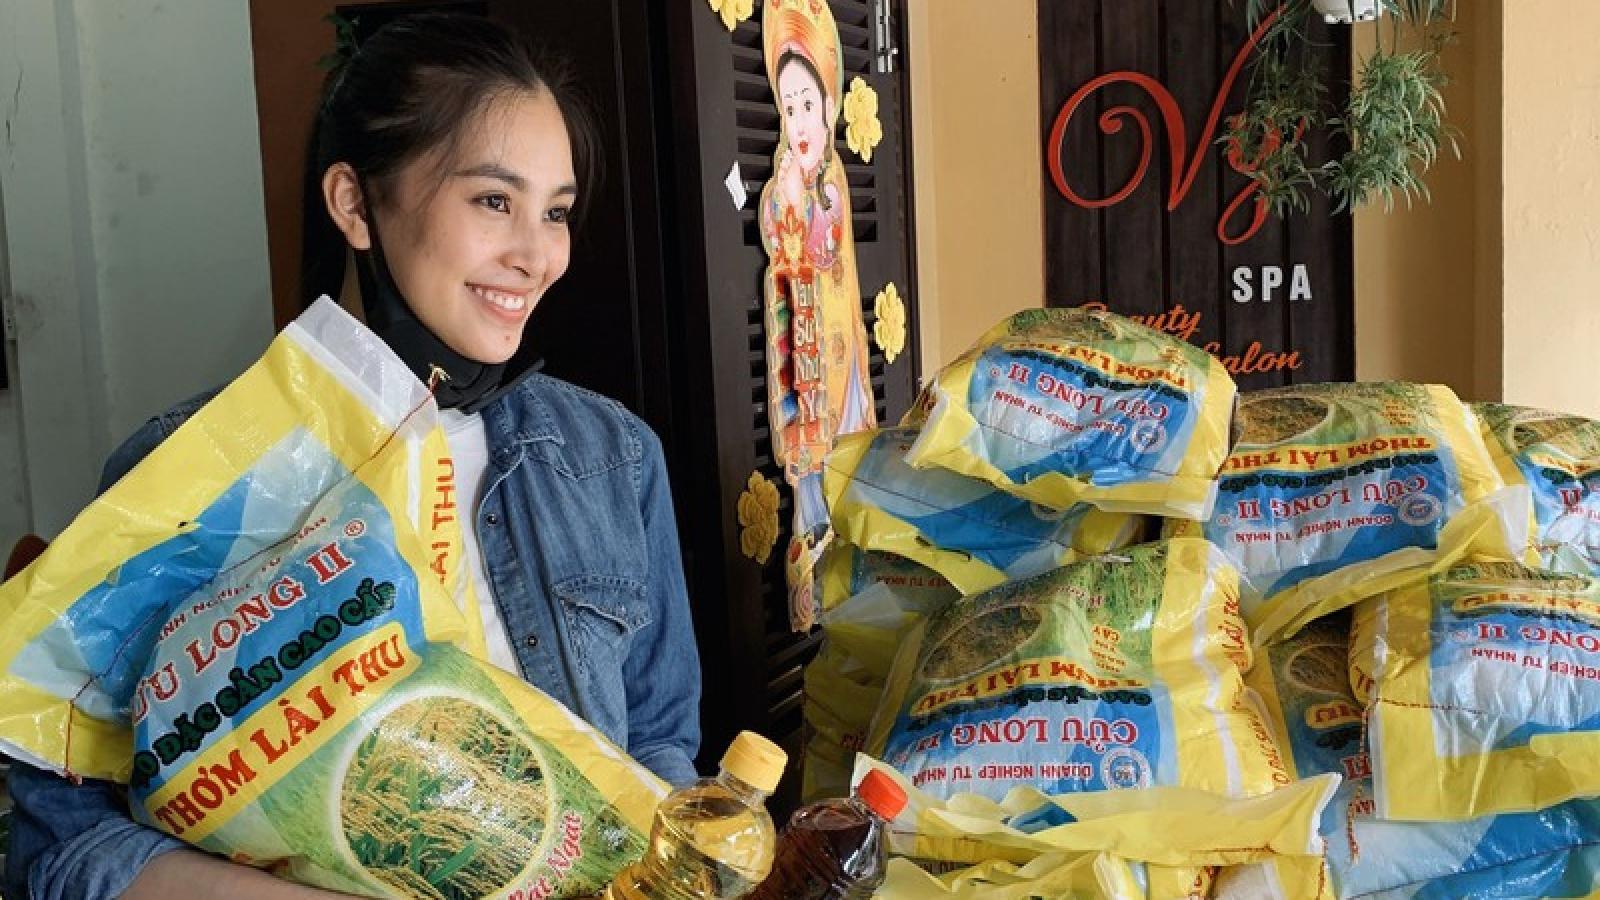 Hoa hậu Tiểu Vy trao tặng 1.000kg gạo cho người nghèo tại quê nhà